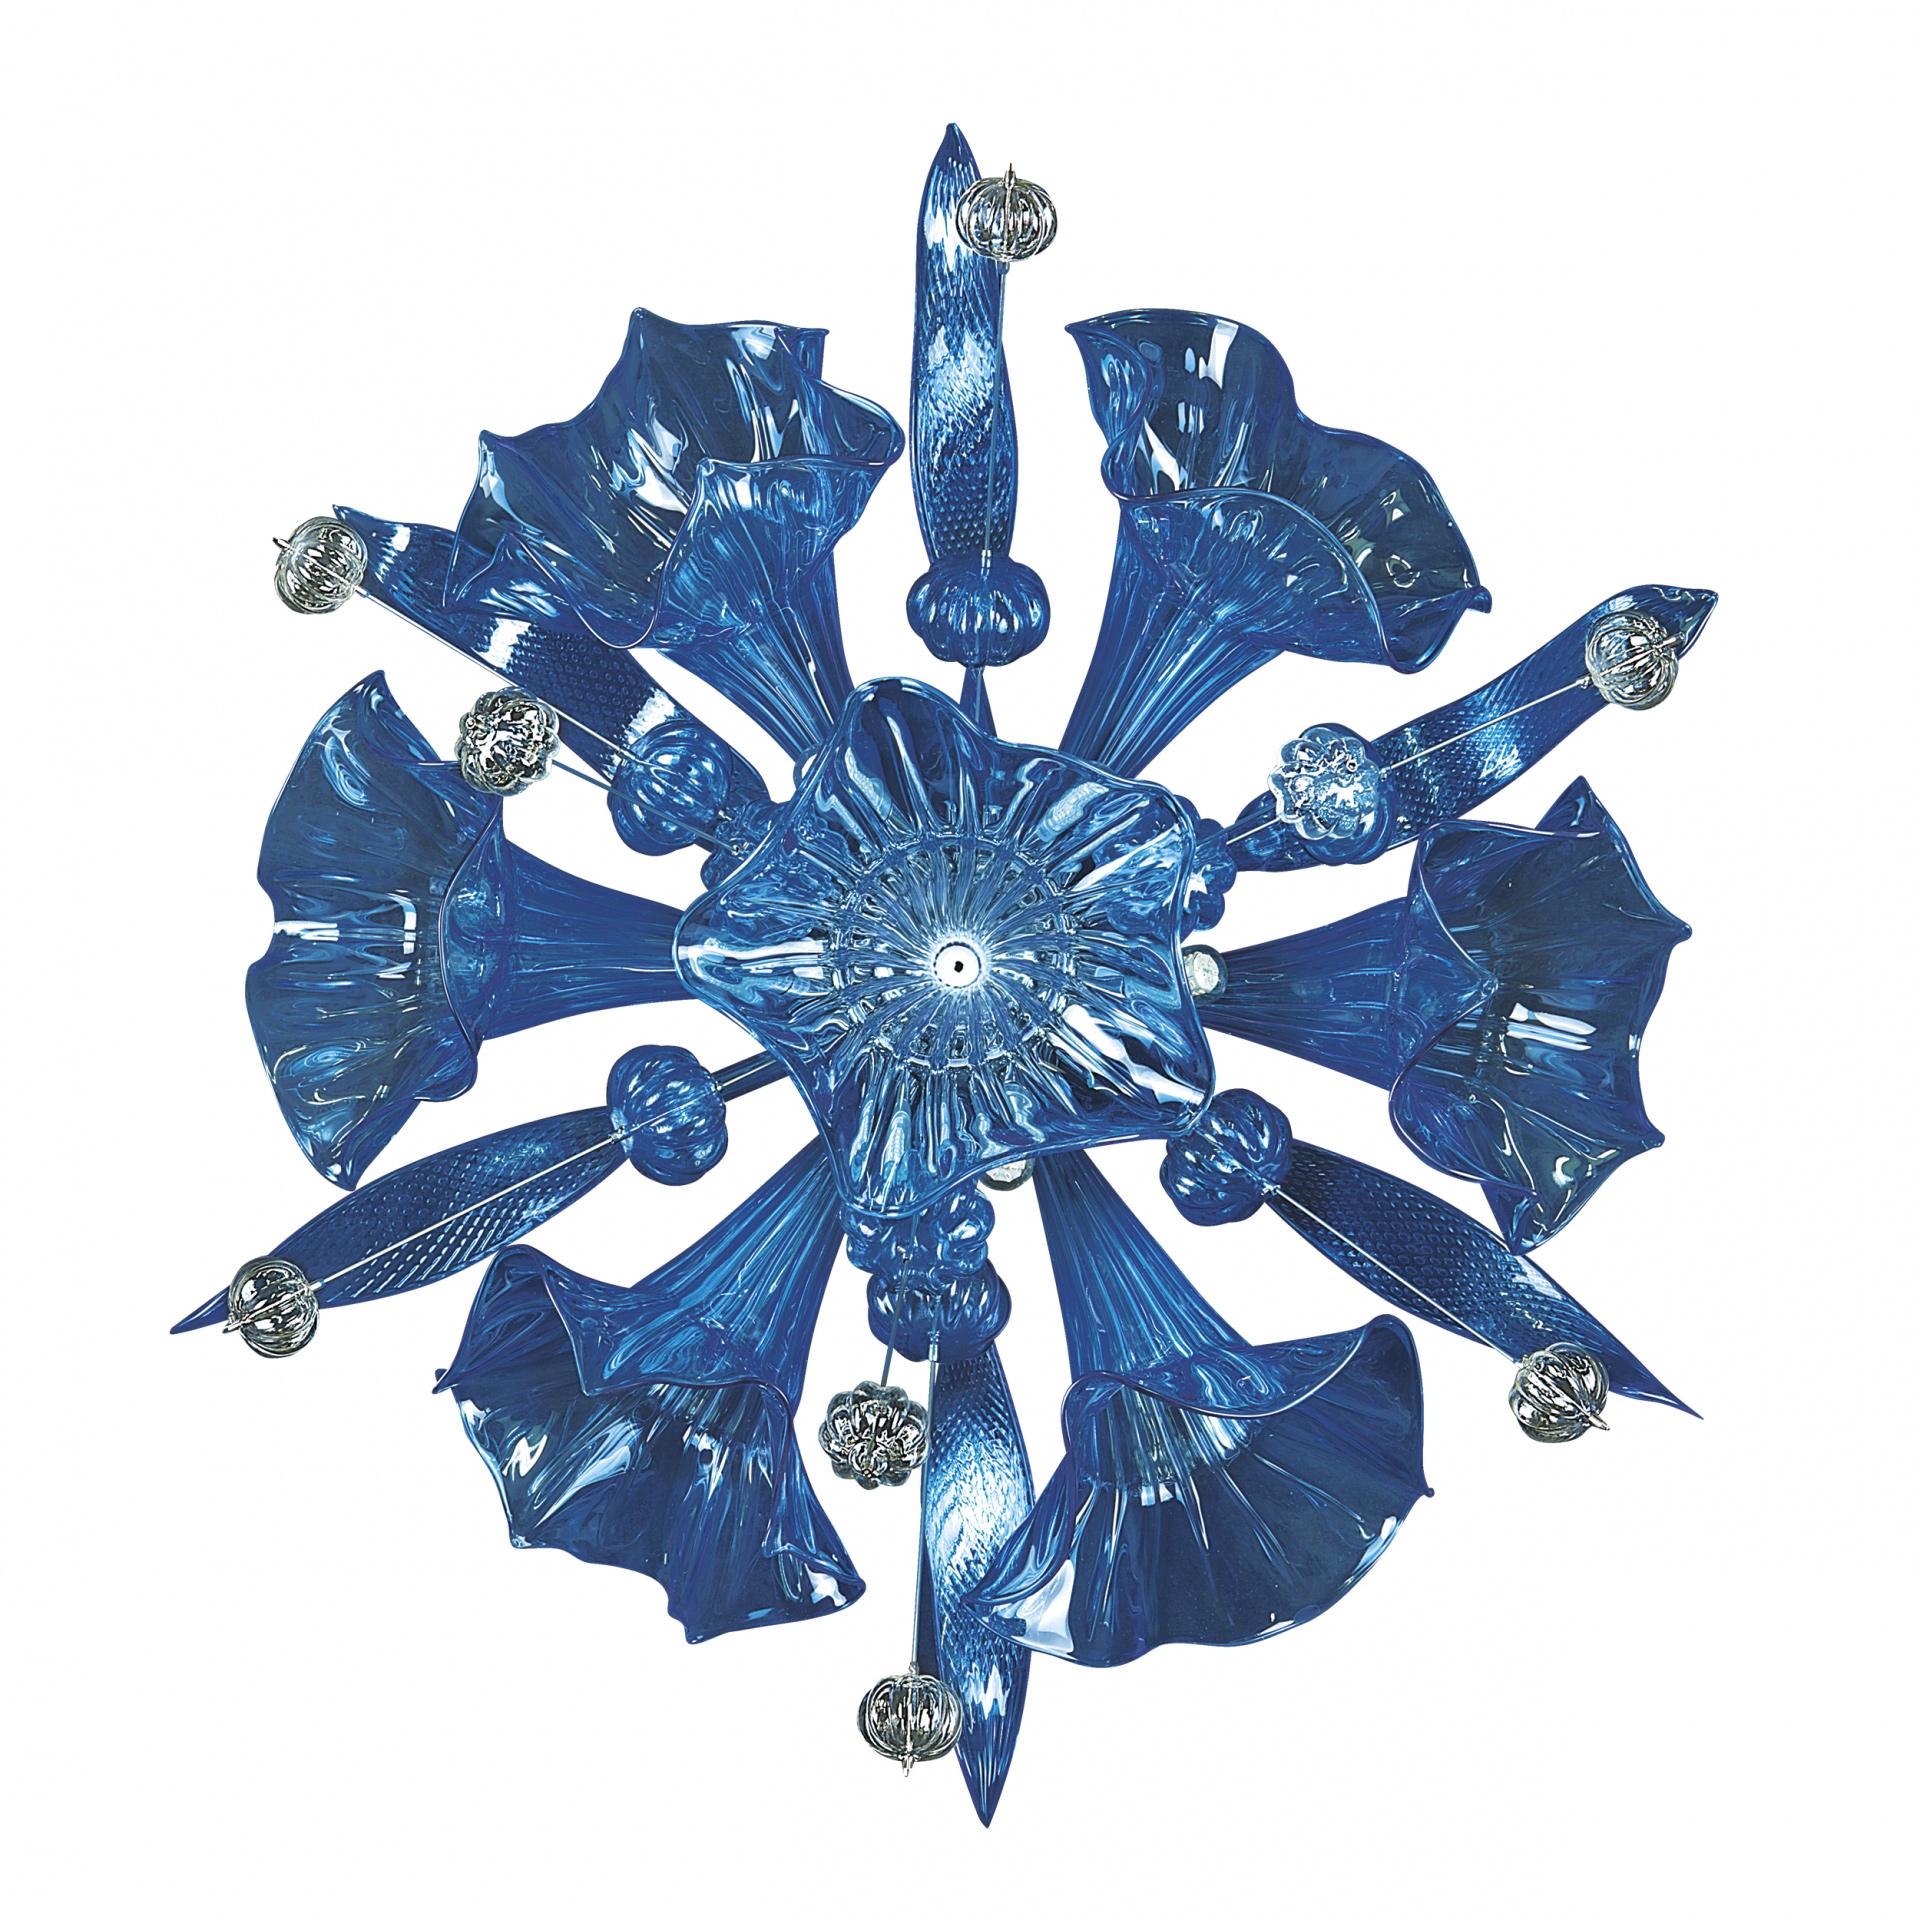 Бра Celesta 6х6W (Led) G9 sky blue Lightstar 893621, купить в СПб, Москве, с доставкой, Санкт-Петербург, интернет-магазин люстр и светильников Starlight, фото в жизни